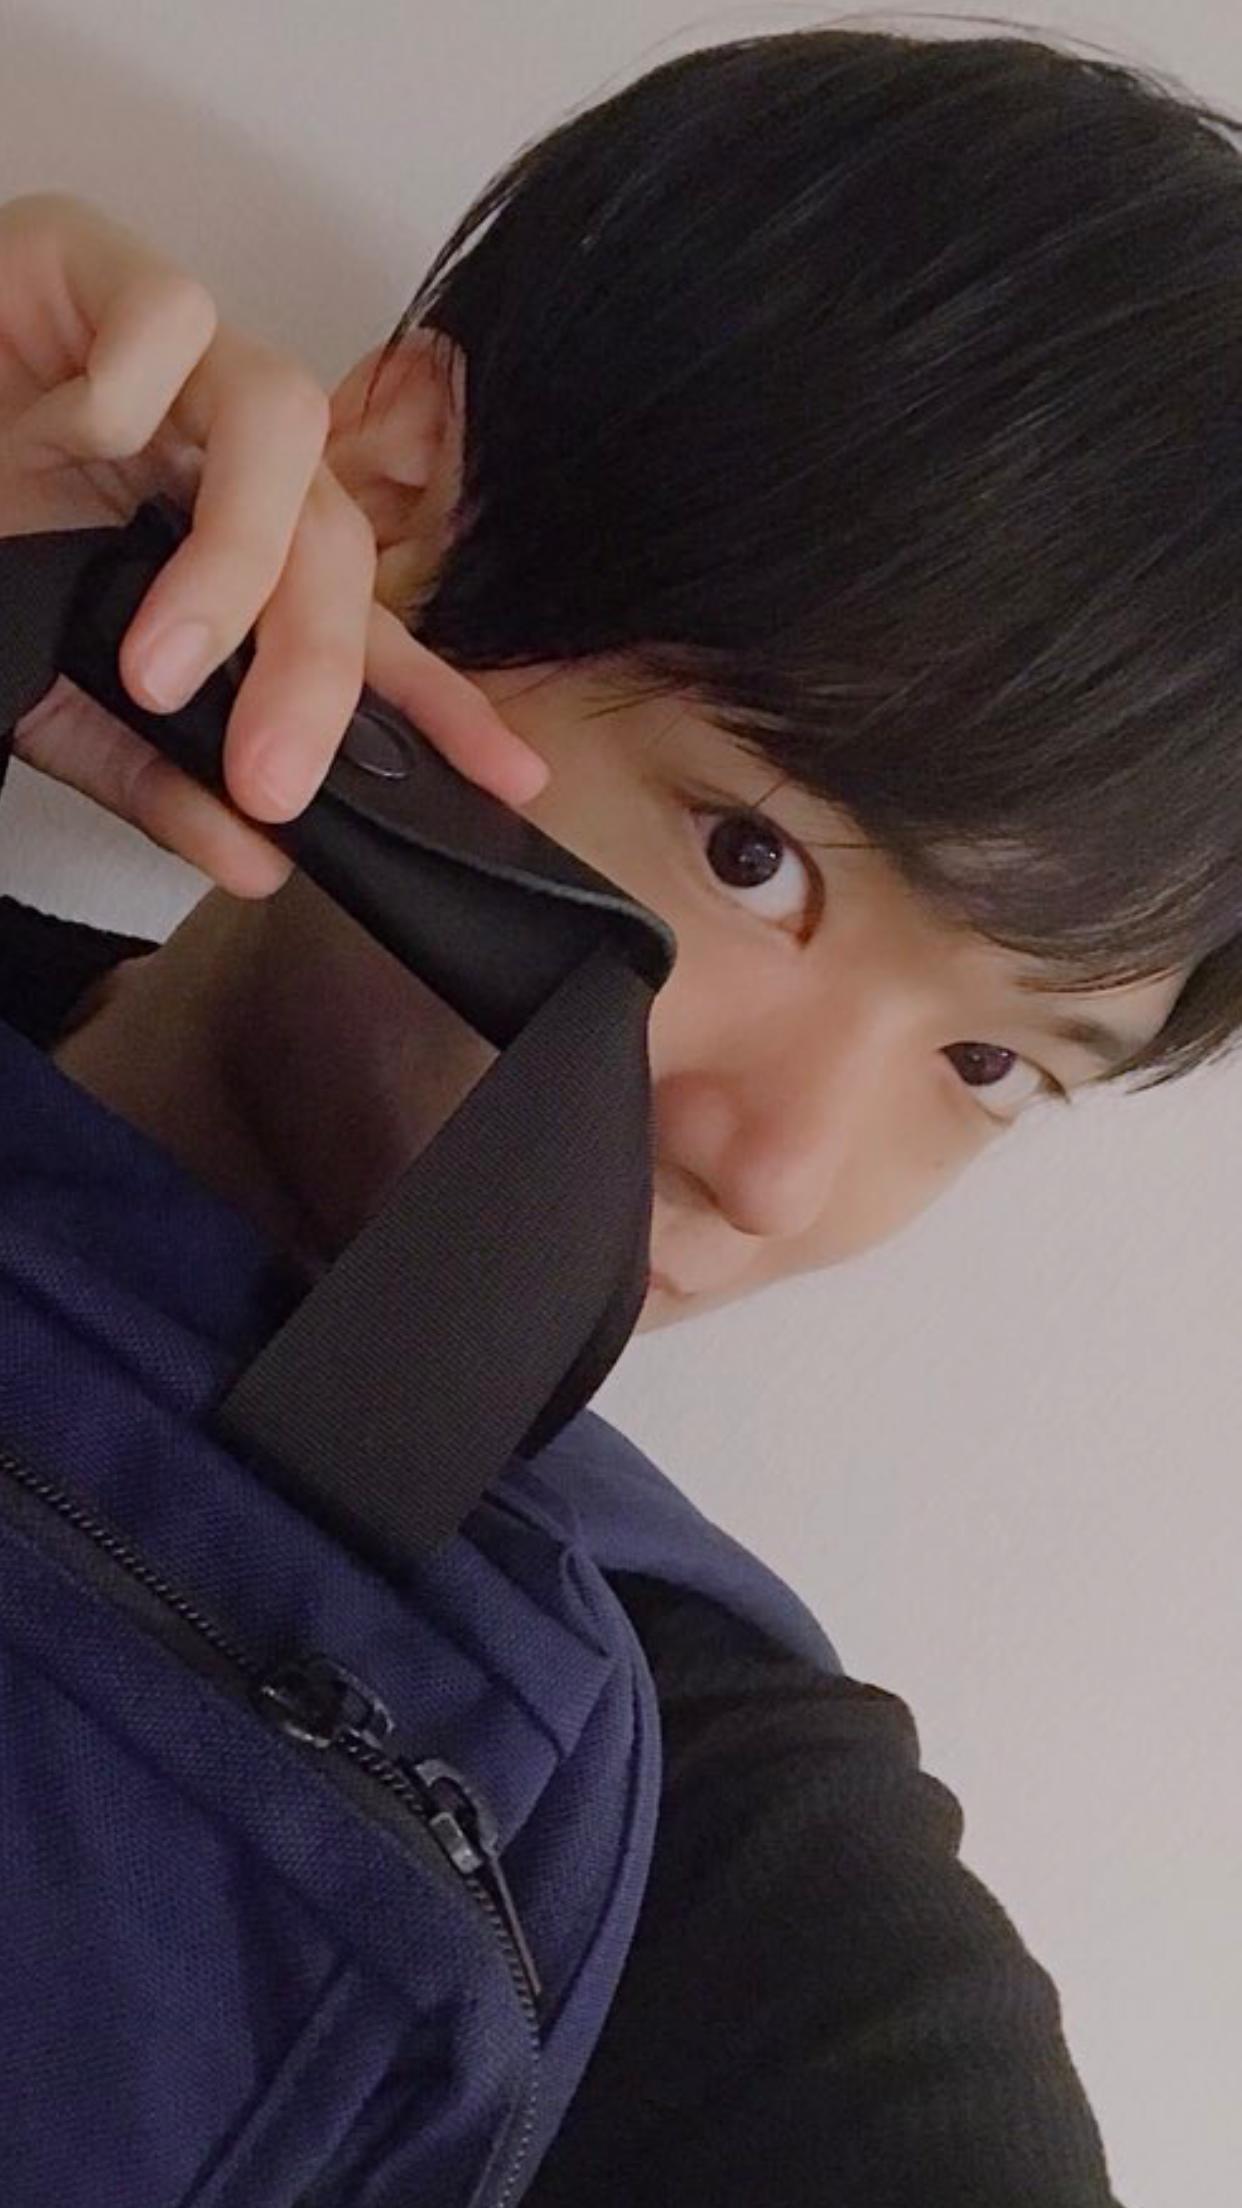 Furukawa Yuki 2018 en 2019 | Yuki furukawa y Actrices Yuki Furukawa 2019